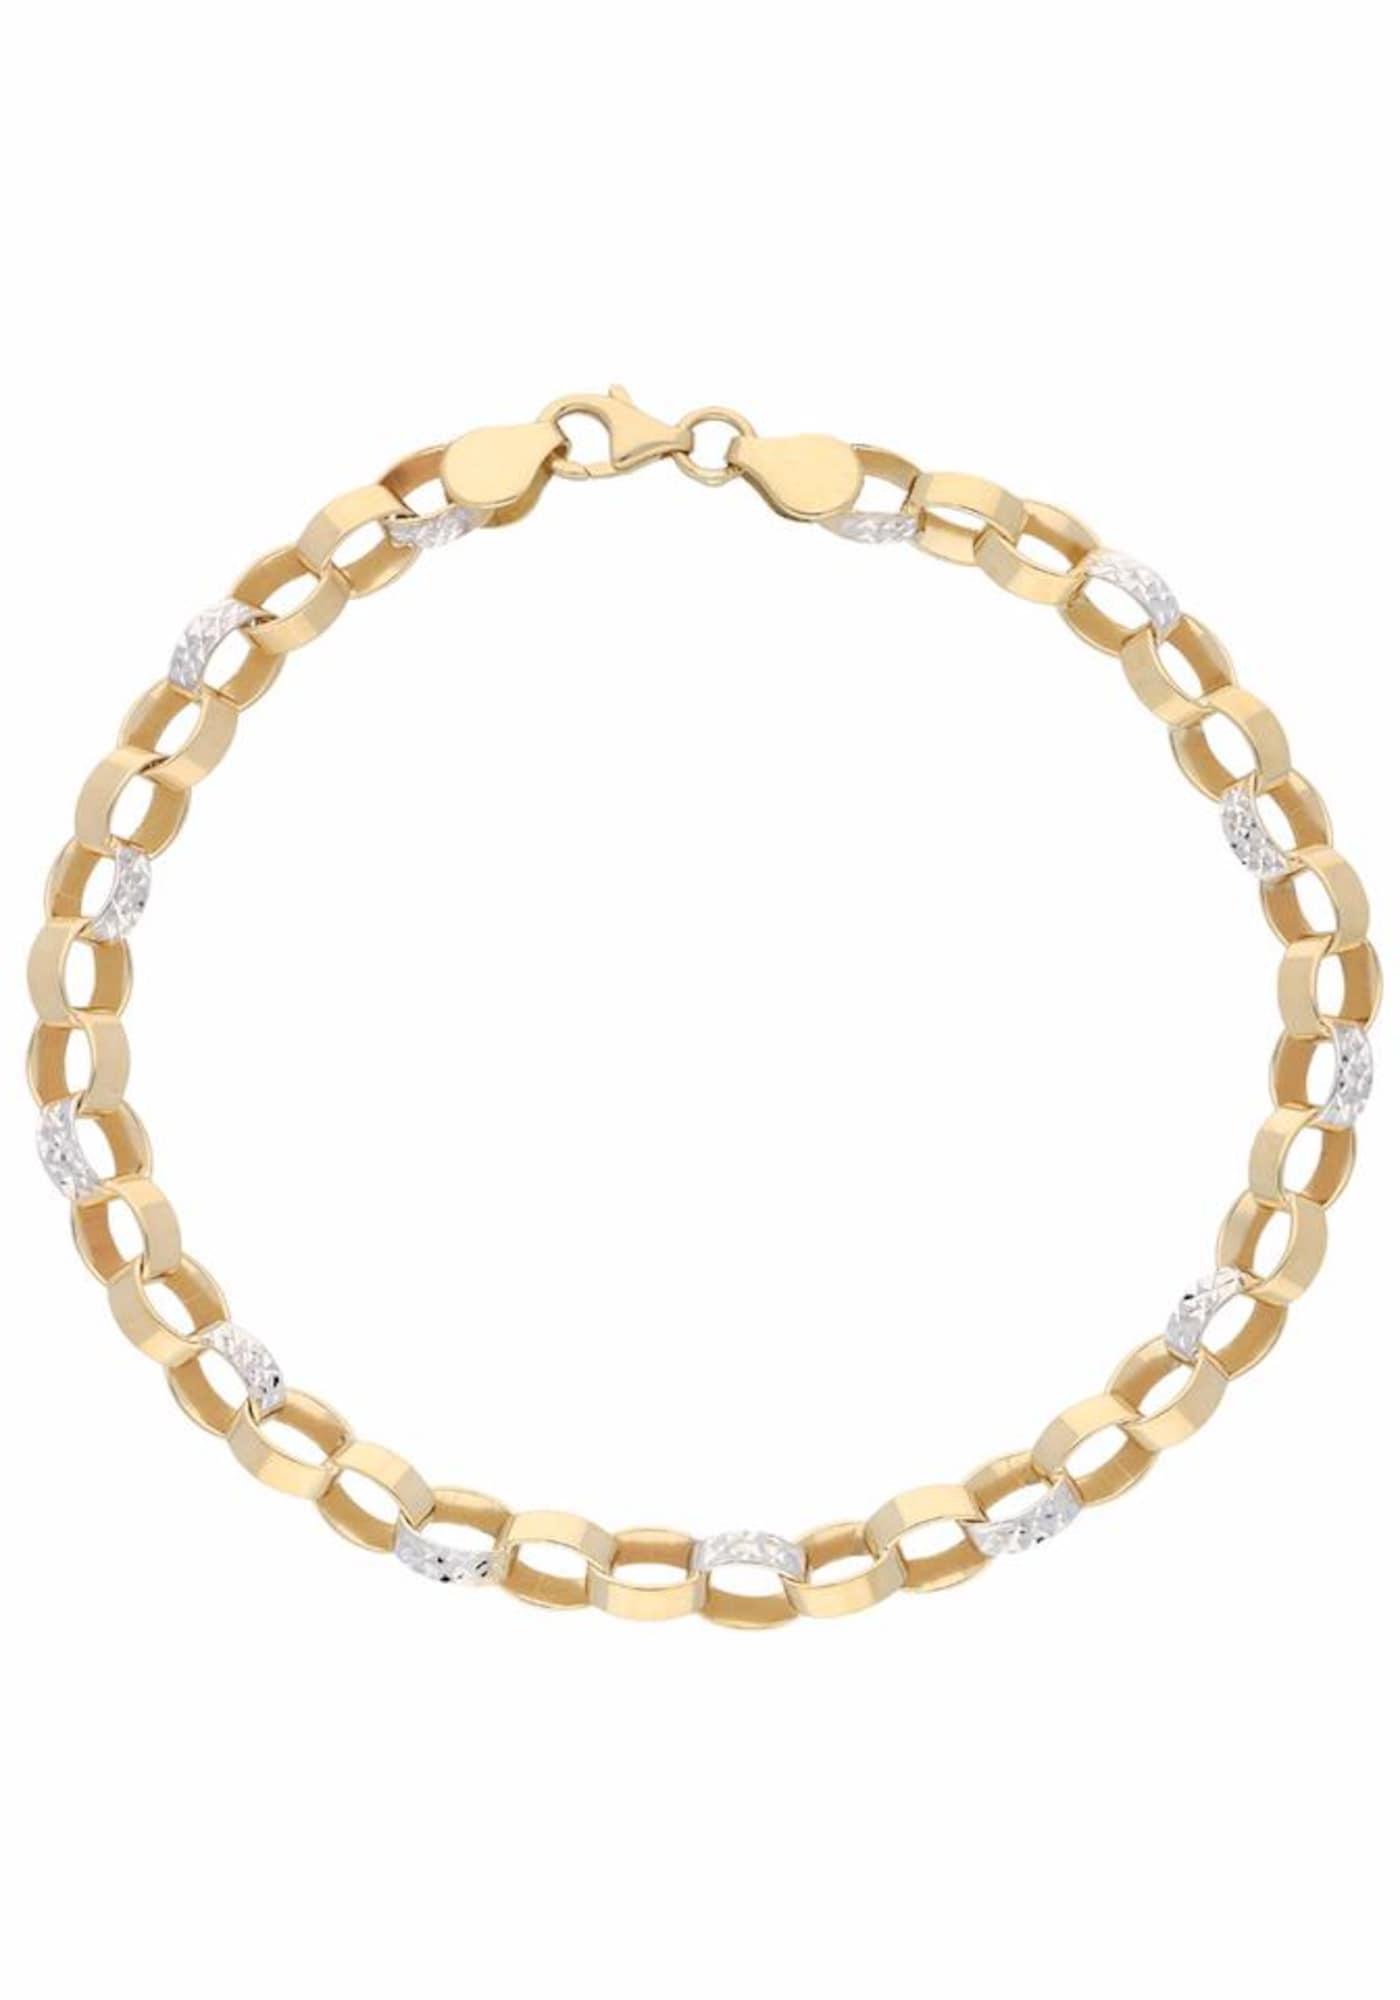 Goldarmband | Schmuck > Armbänder > Goldarmbänder | FIRETTI